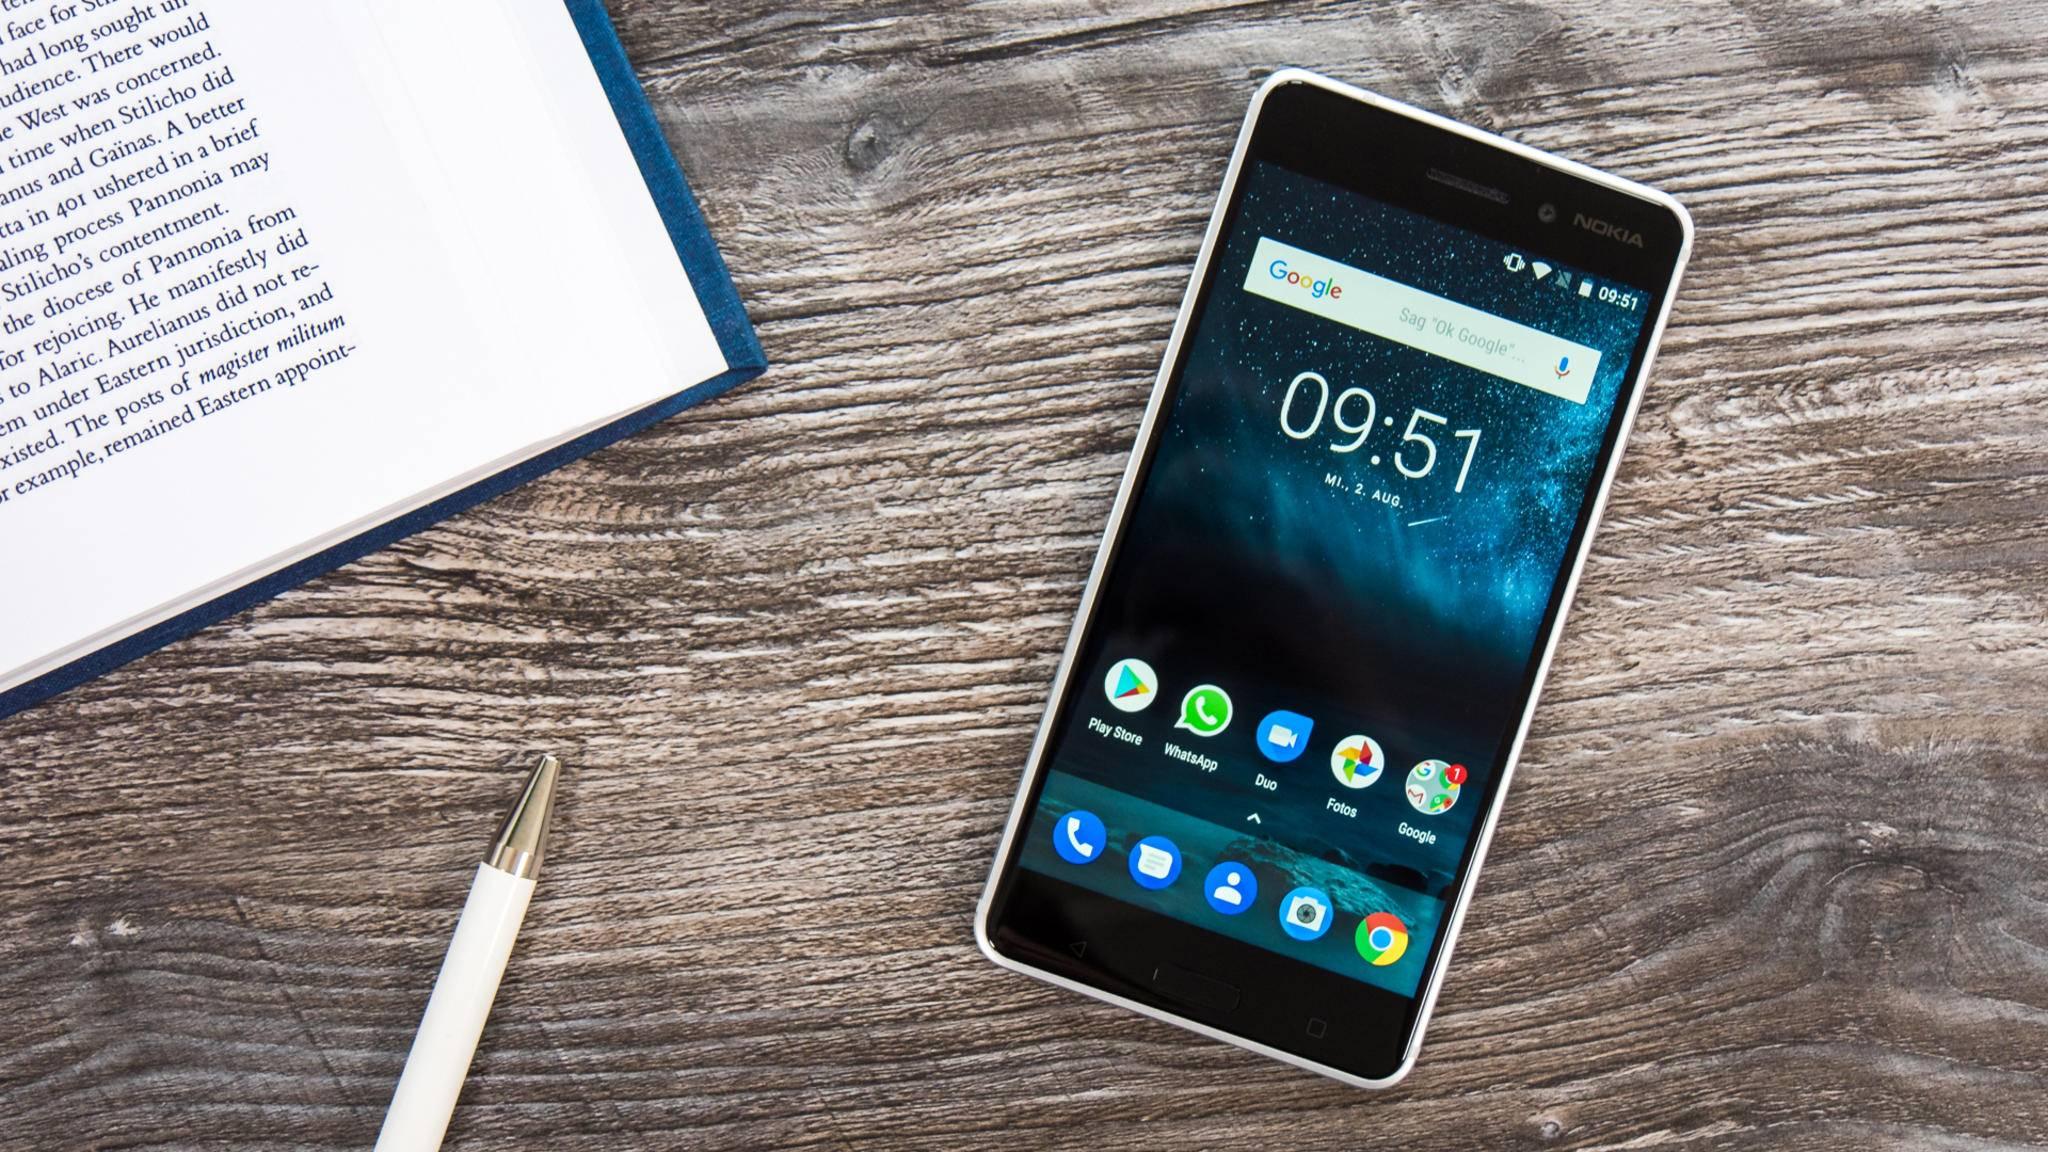 Im Test konnte das Nokia 6 an einigen Stellen leider nicht komplett überzeugen.